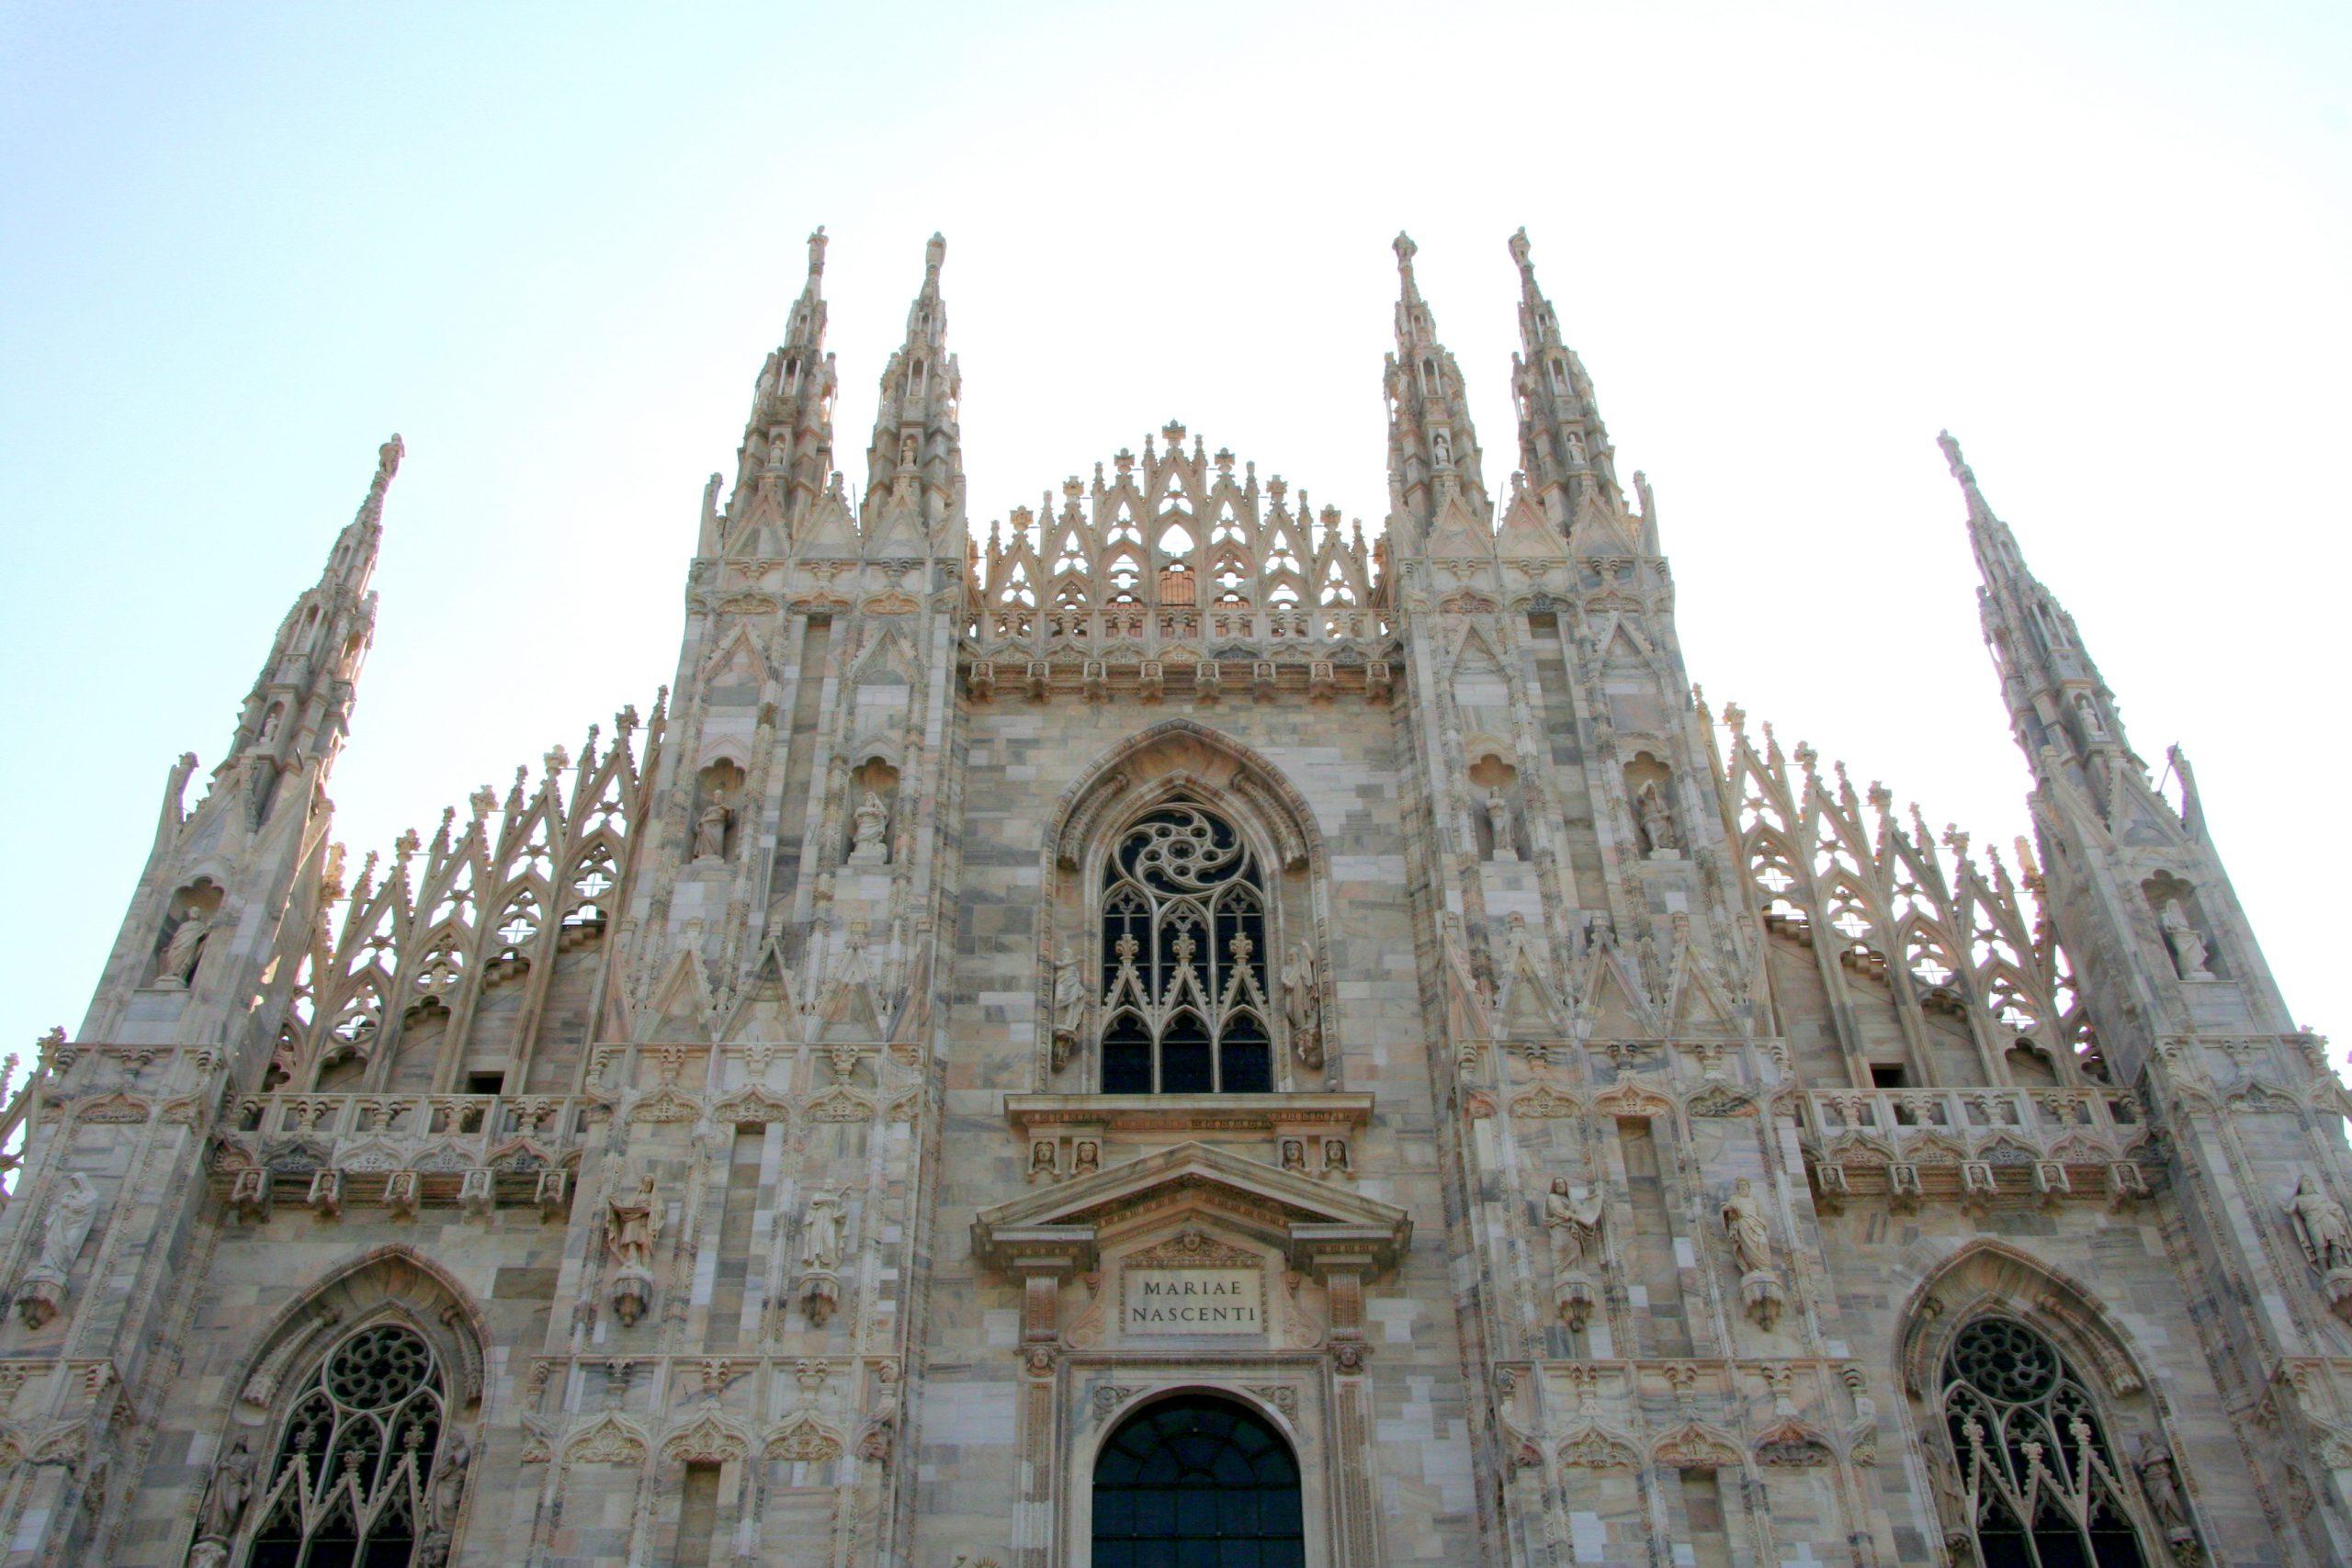 2008, Duomo di Santa Maria Nascente, Milan, Italy